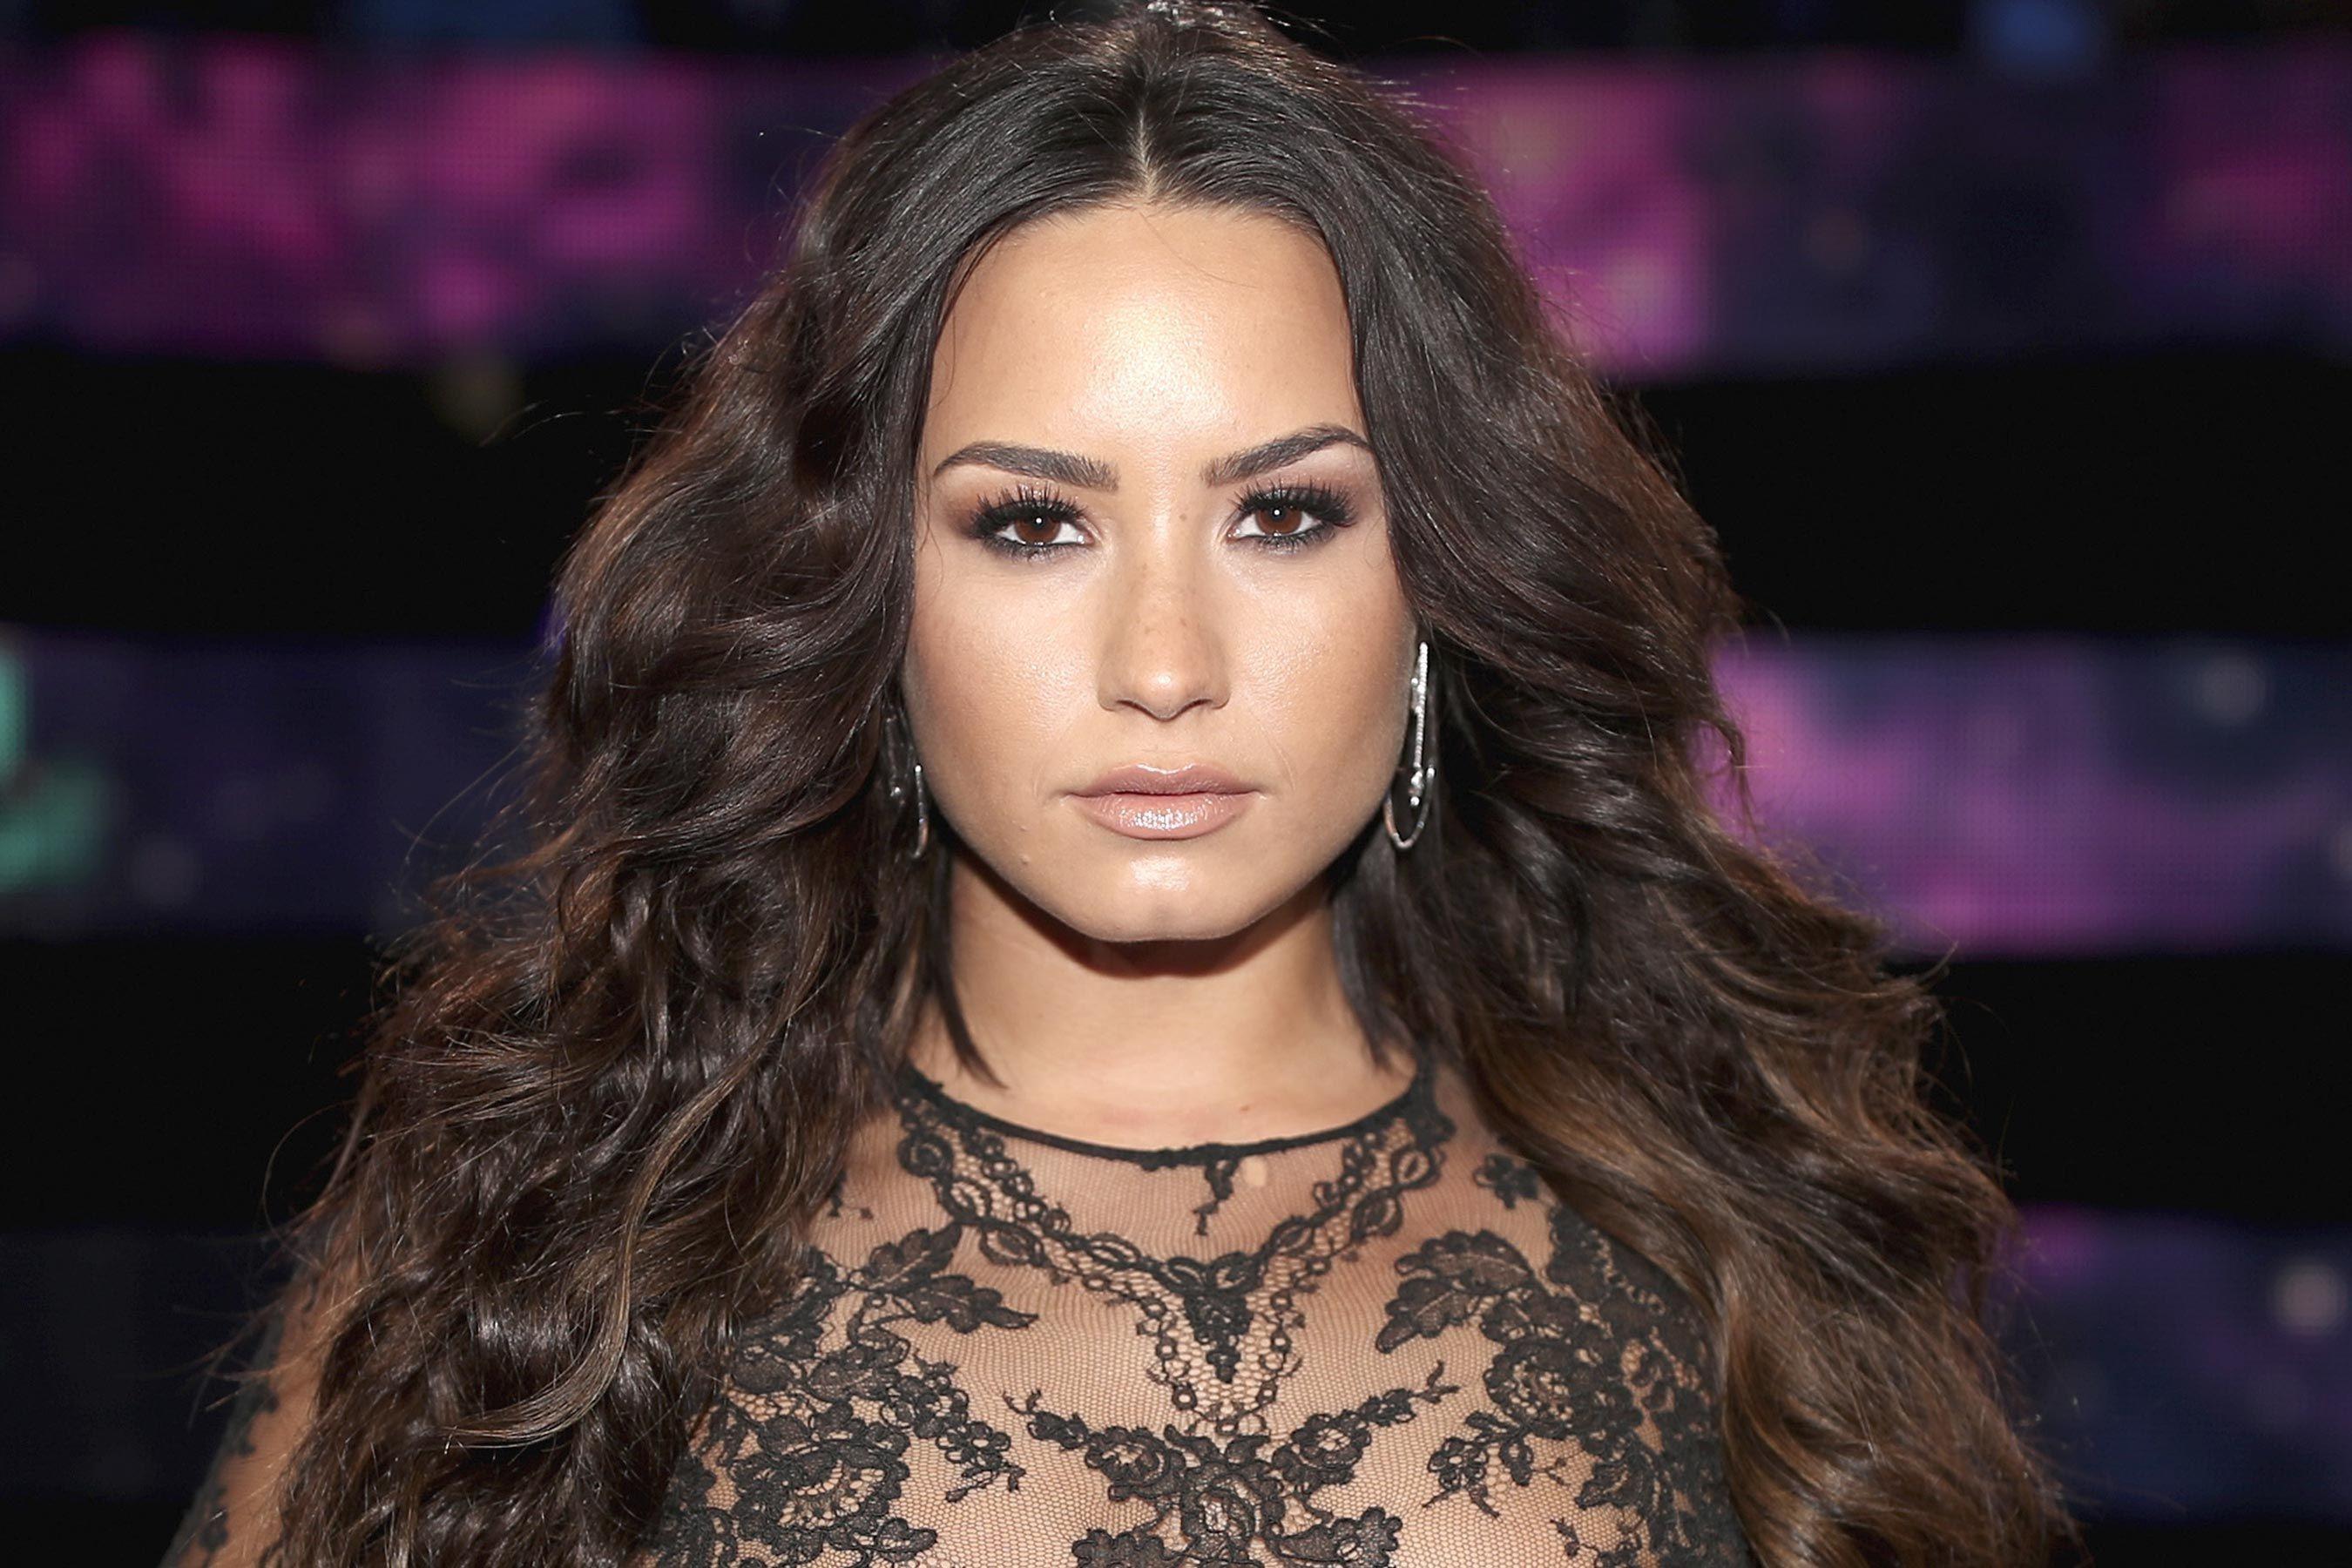 Recaídas como as de Demi Lovato são comuns e extremamente perigosas